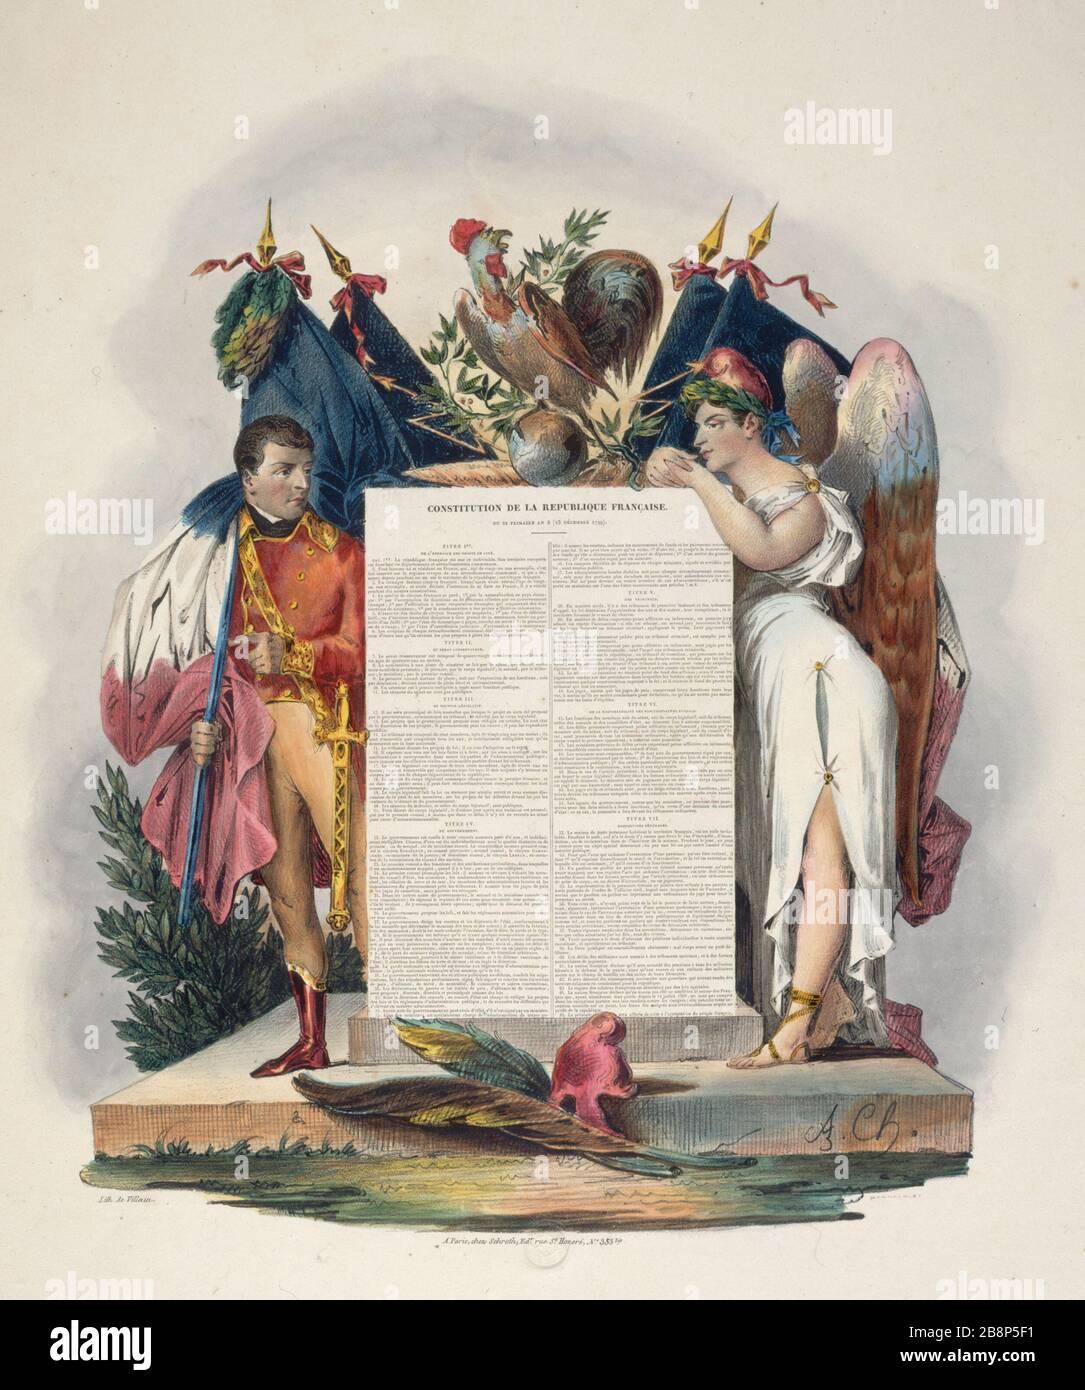 Constitution Du 22 Frimaire An Viii : constitution, frimaire, CONSTITUTION, FRENCH, REPUBLIC, FRIMAIRE,, Villain., Constitution, République, Française, Frimaire,, (Consulat,, Décembre, 1799)